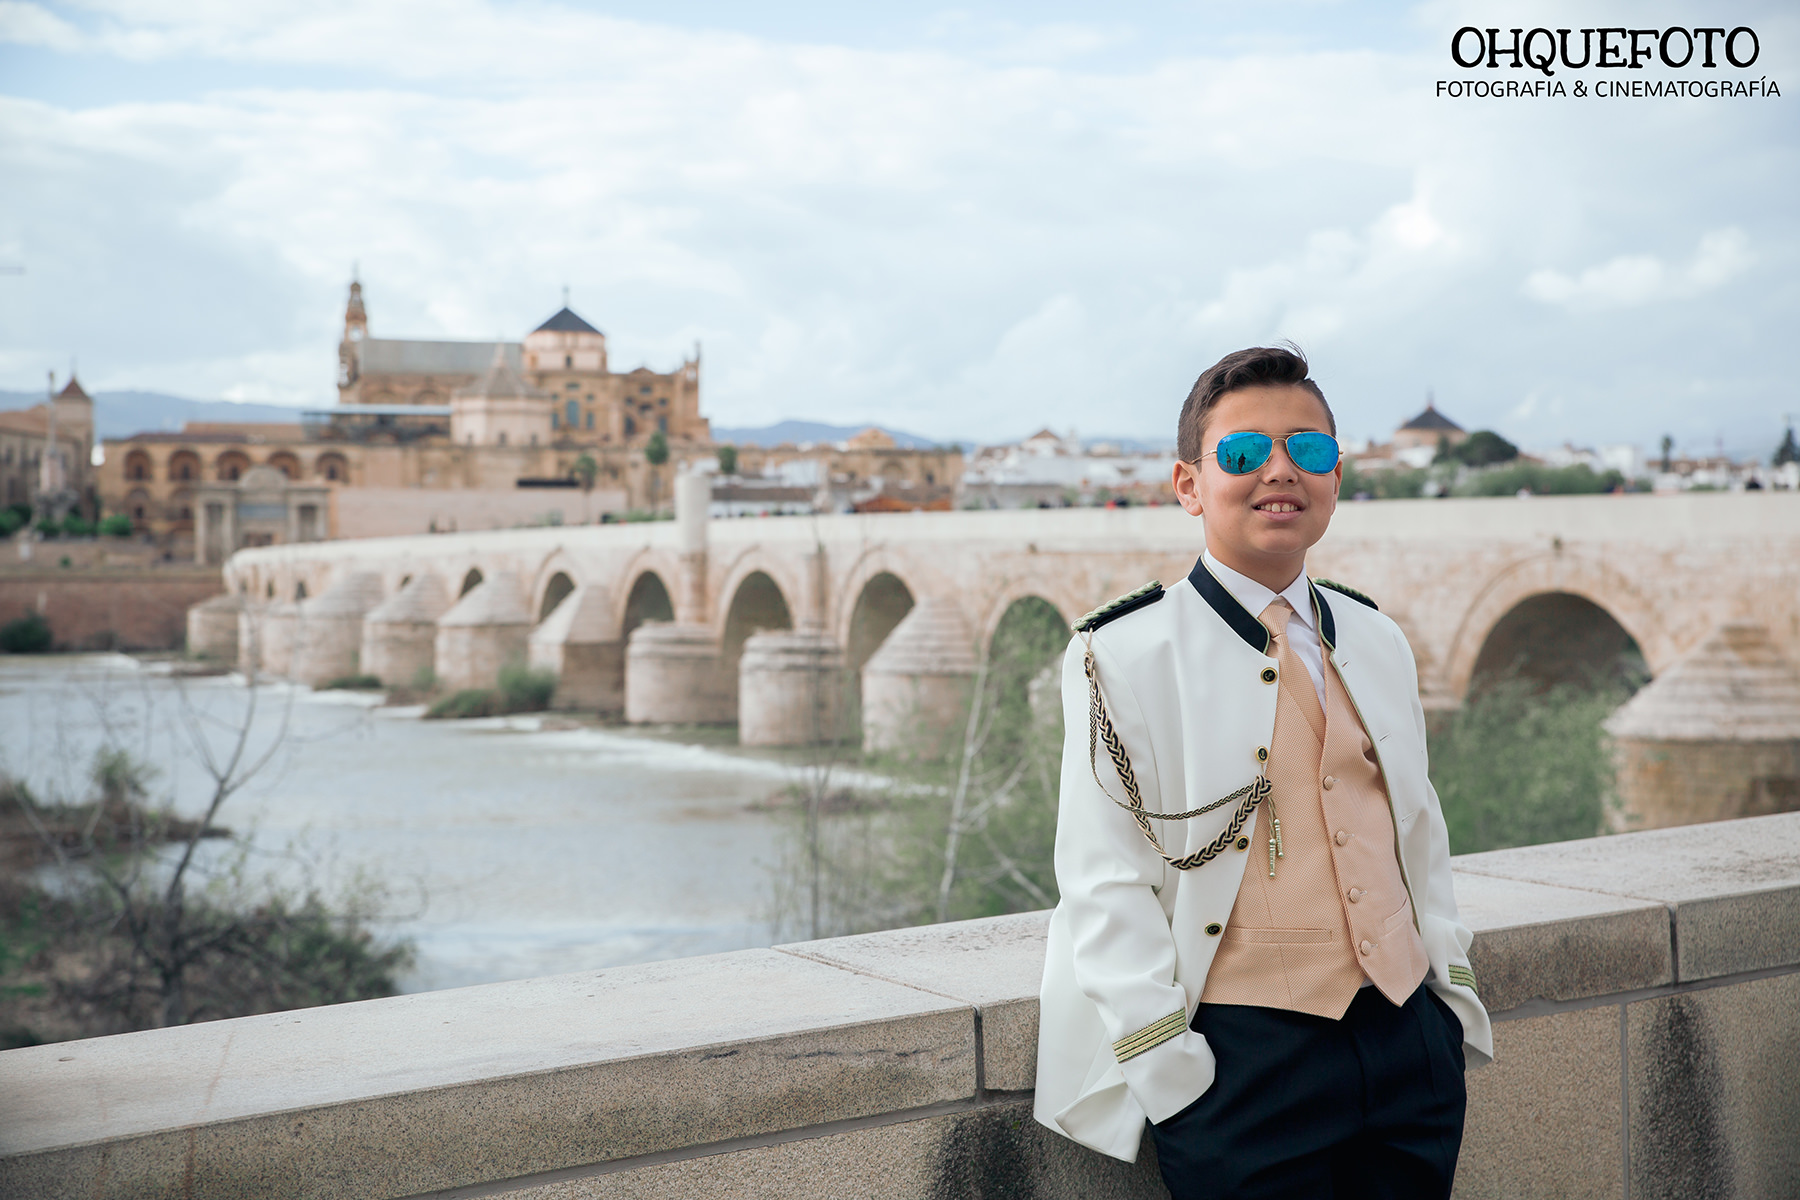 fotografia-comunion-cordoba-juderia-mezquita-puenteromano-exteriores-chillon-ciudad real- almaden